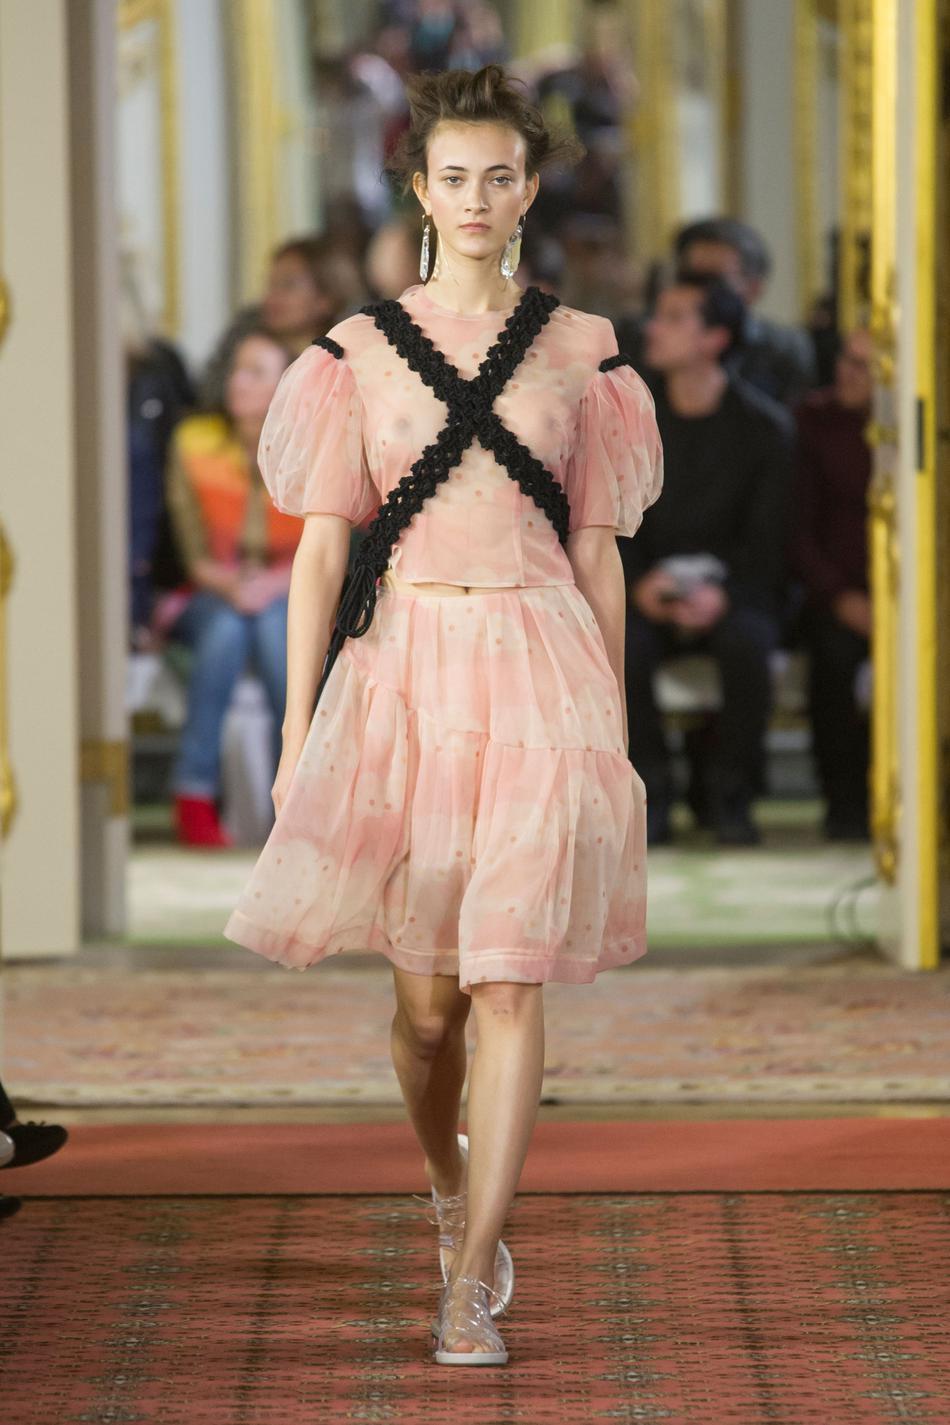 118694b3c55a0a Fashion Week de Londres, une féminité à fleur de peau - Madame Figaro